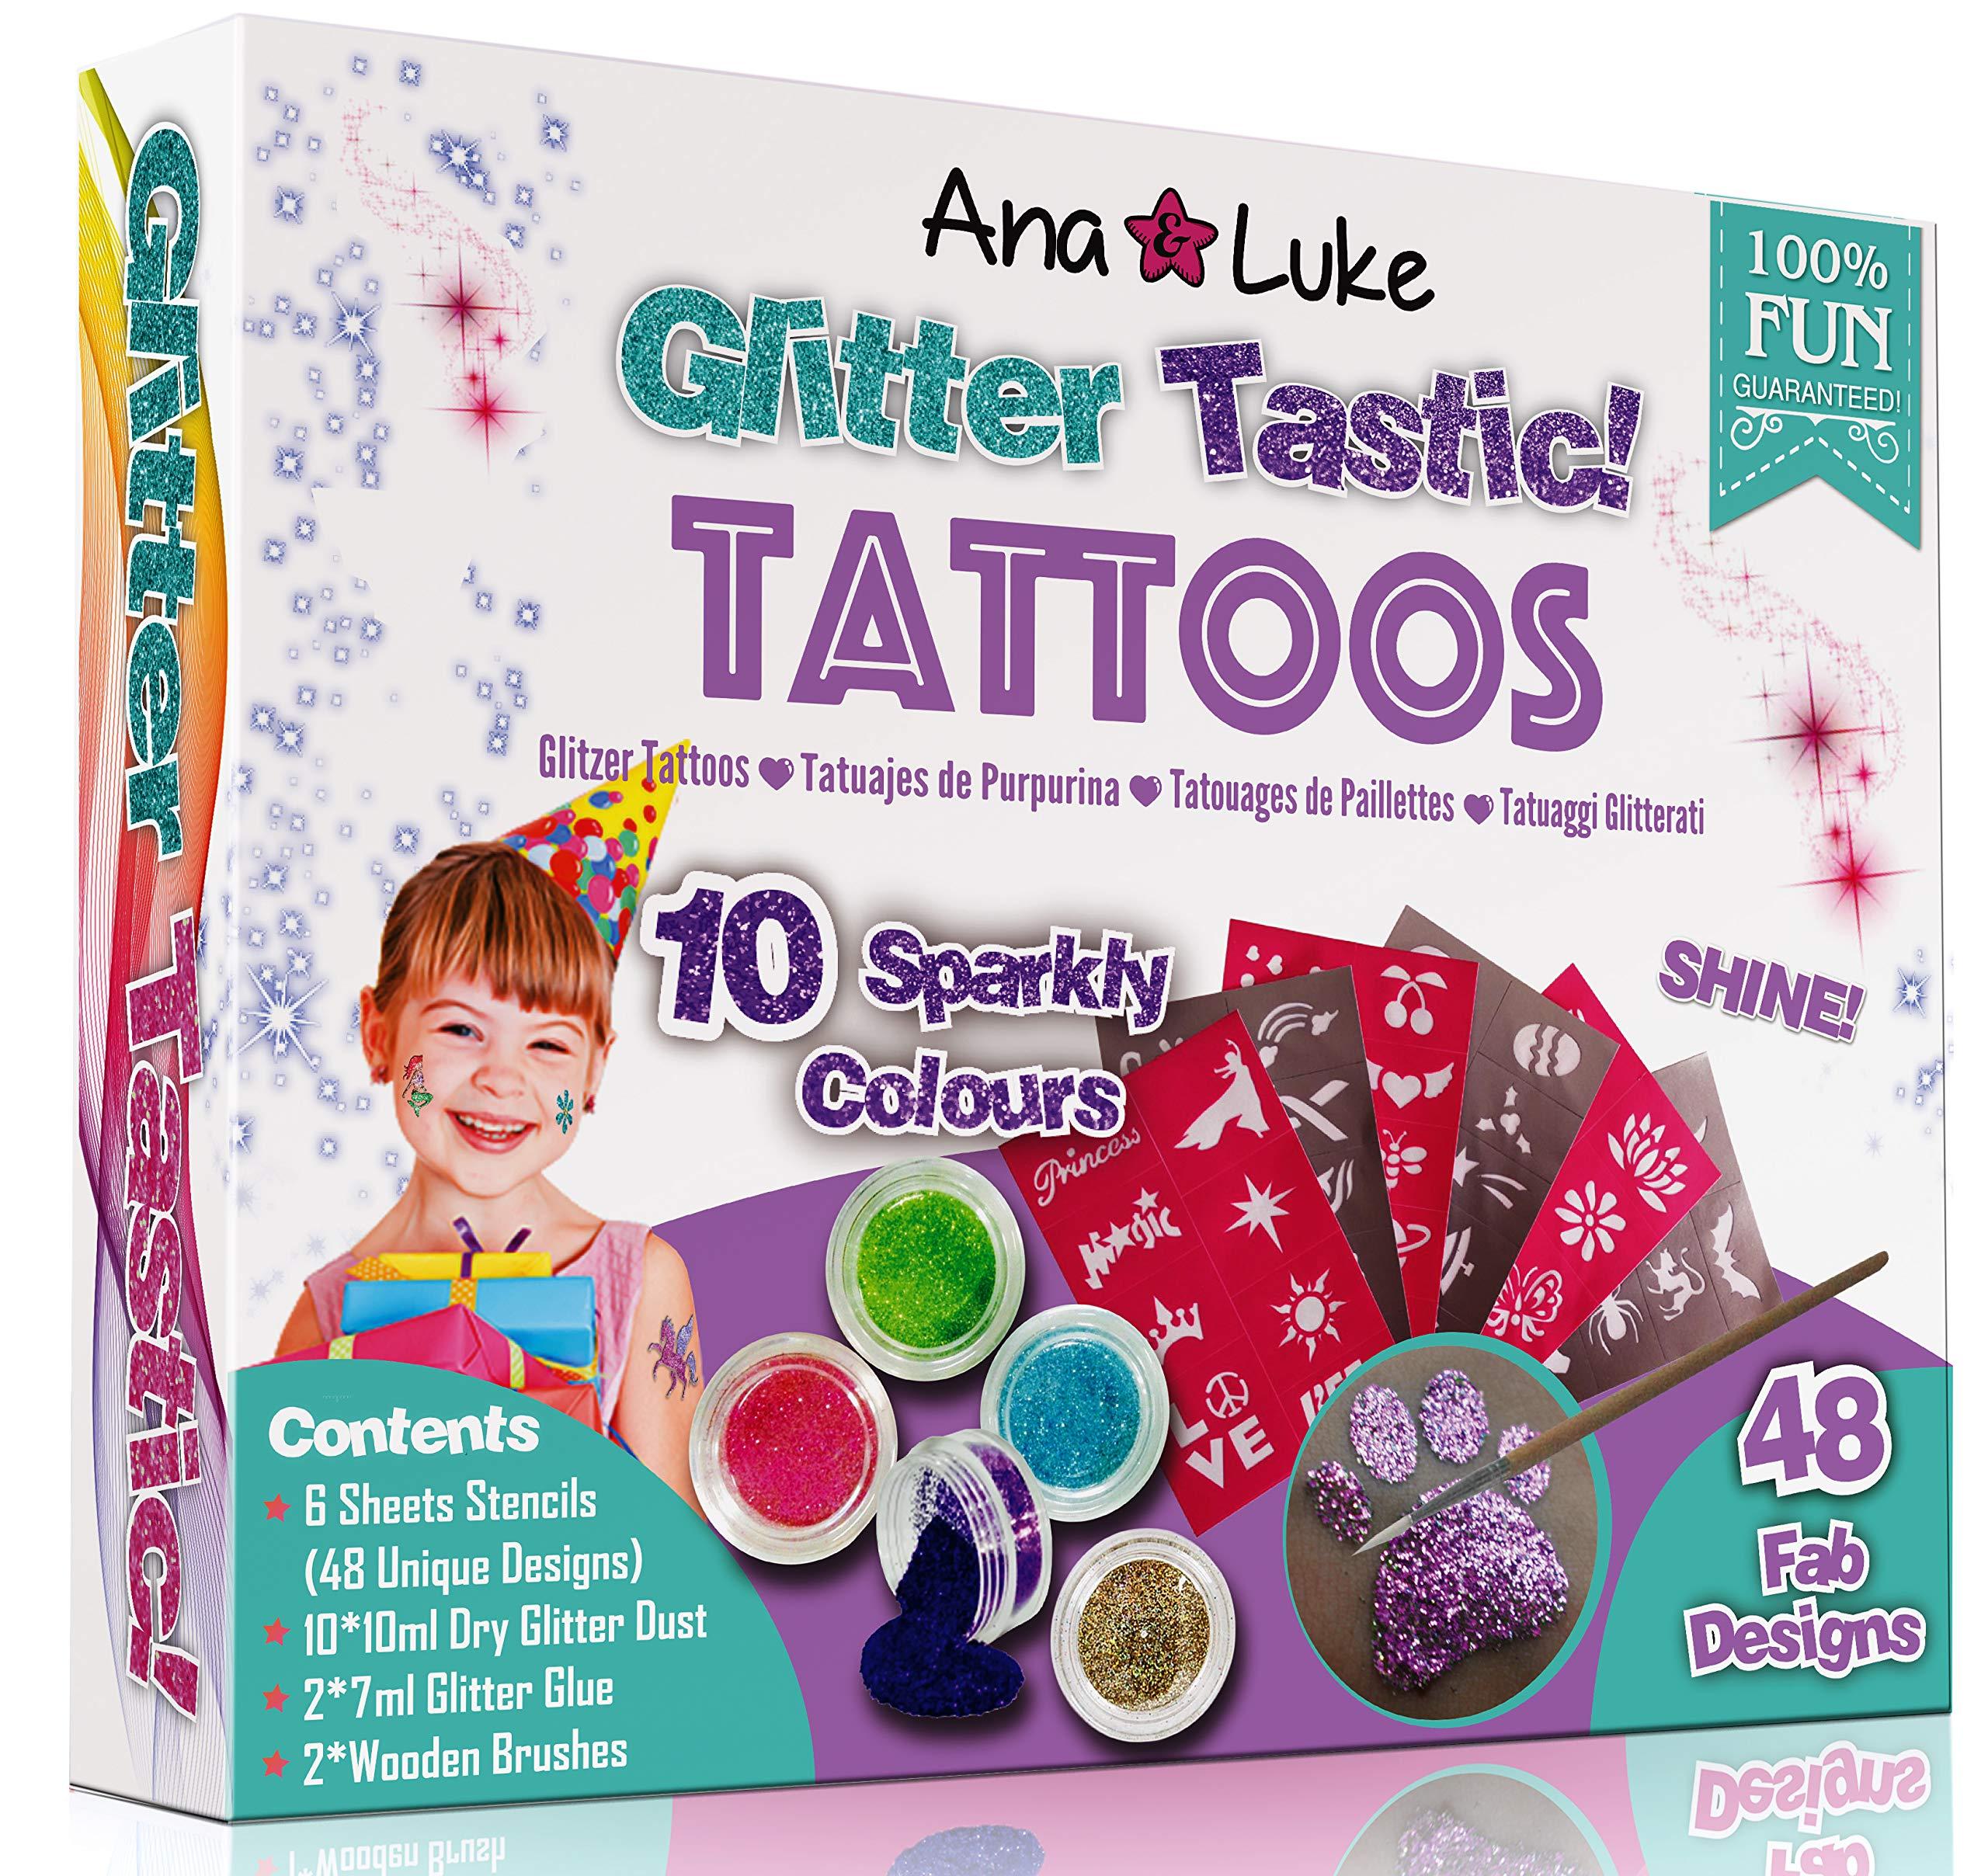 2 x Glitter Tattoos Mega Pack